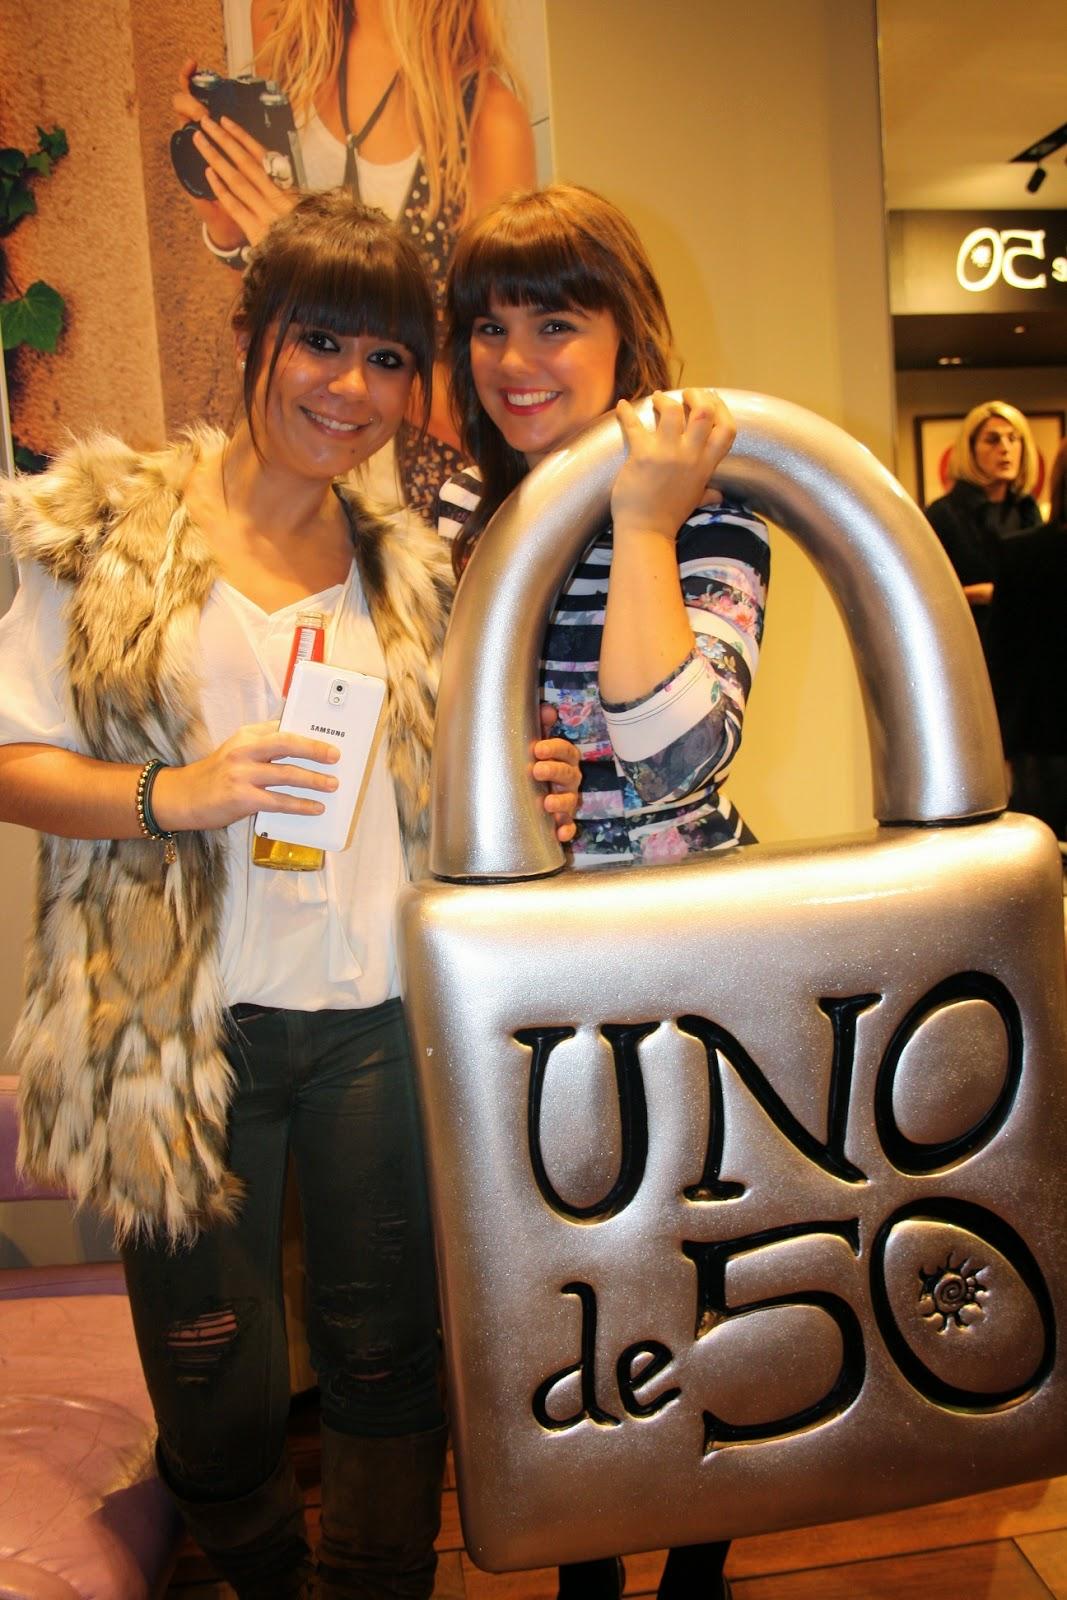 http://ilovemelita.blogspot.com.es/2014/03/evento-blogger-en-uno-de-50.html